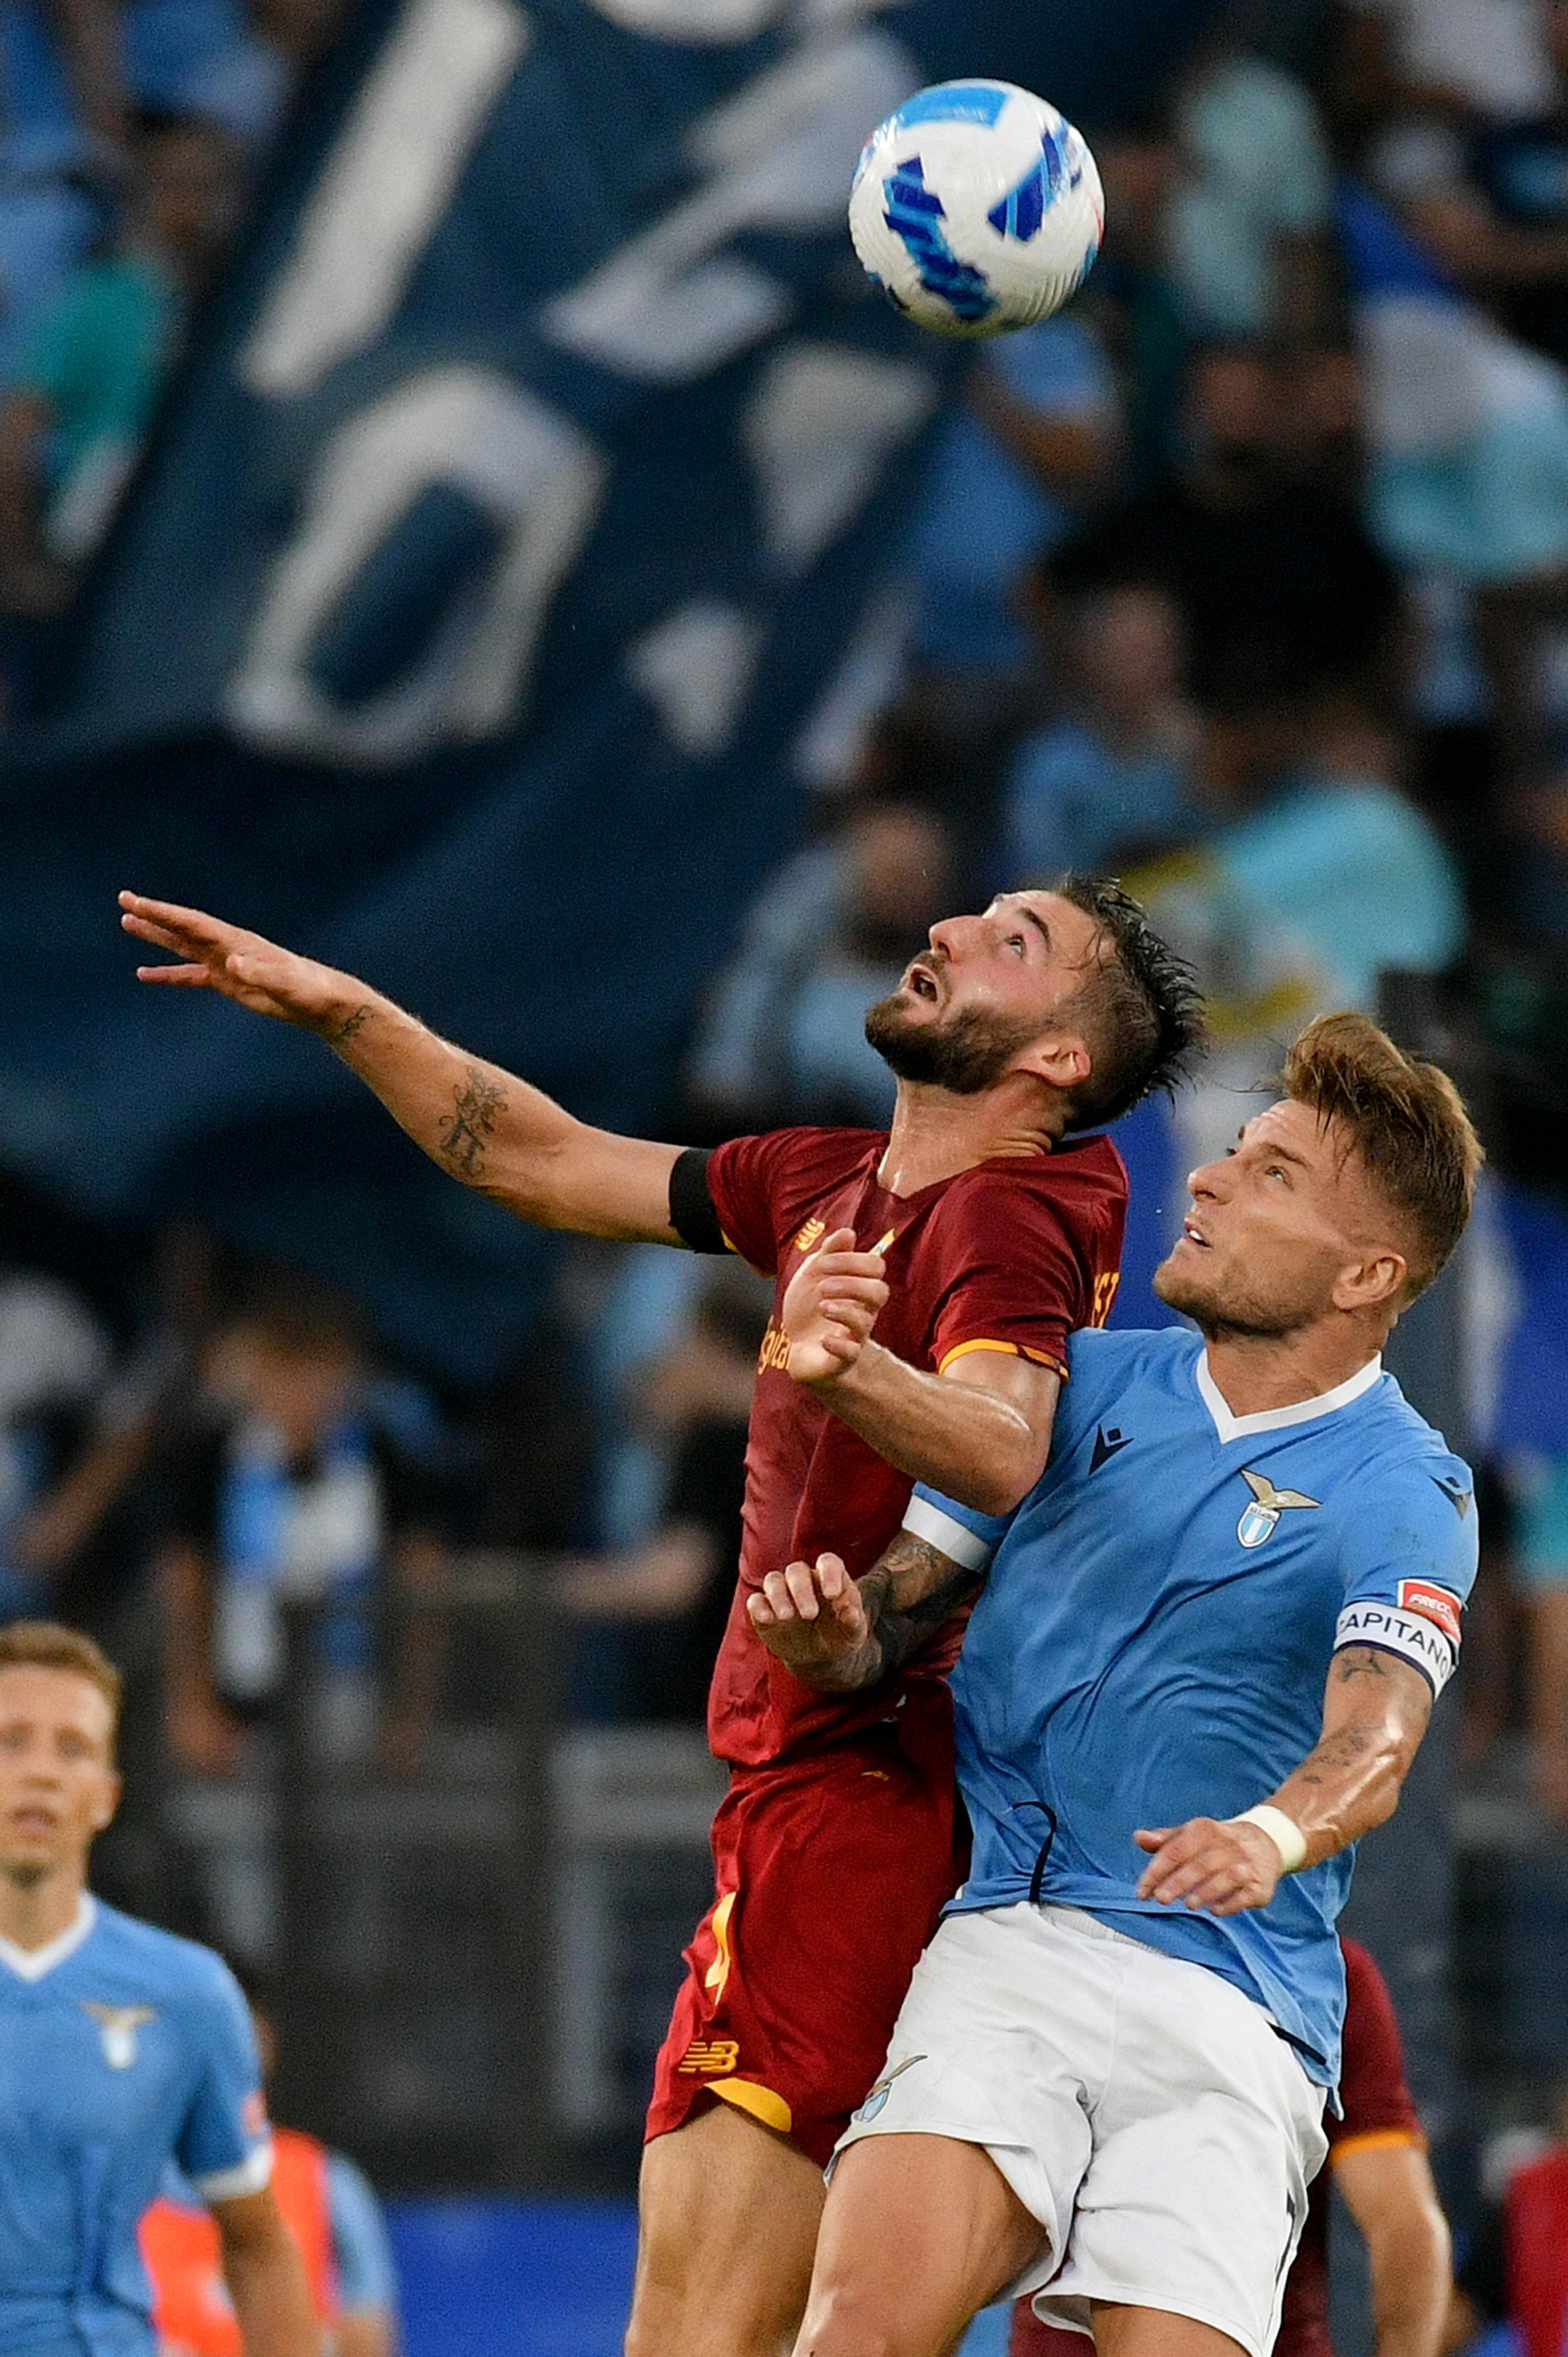 SS Lazio v AS Roma - Serie A